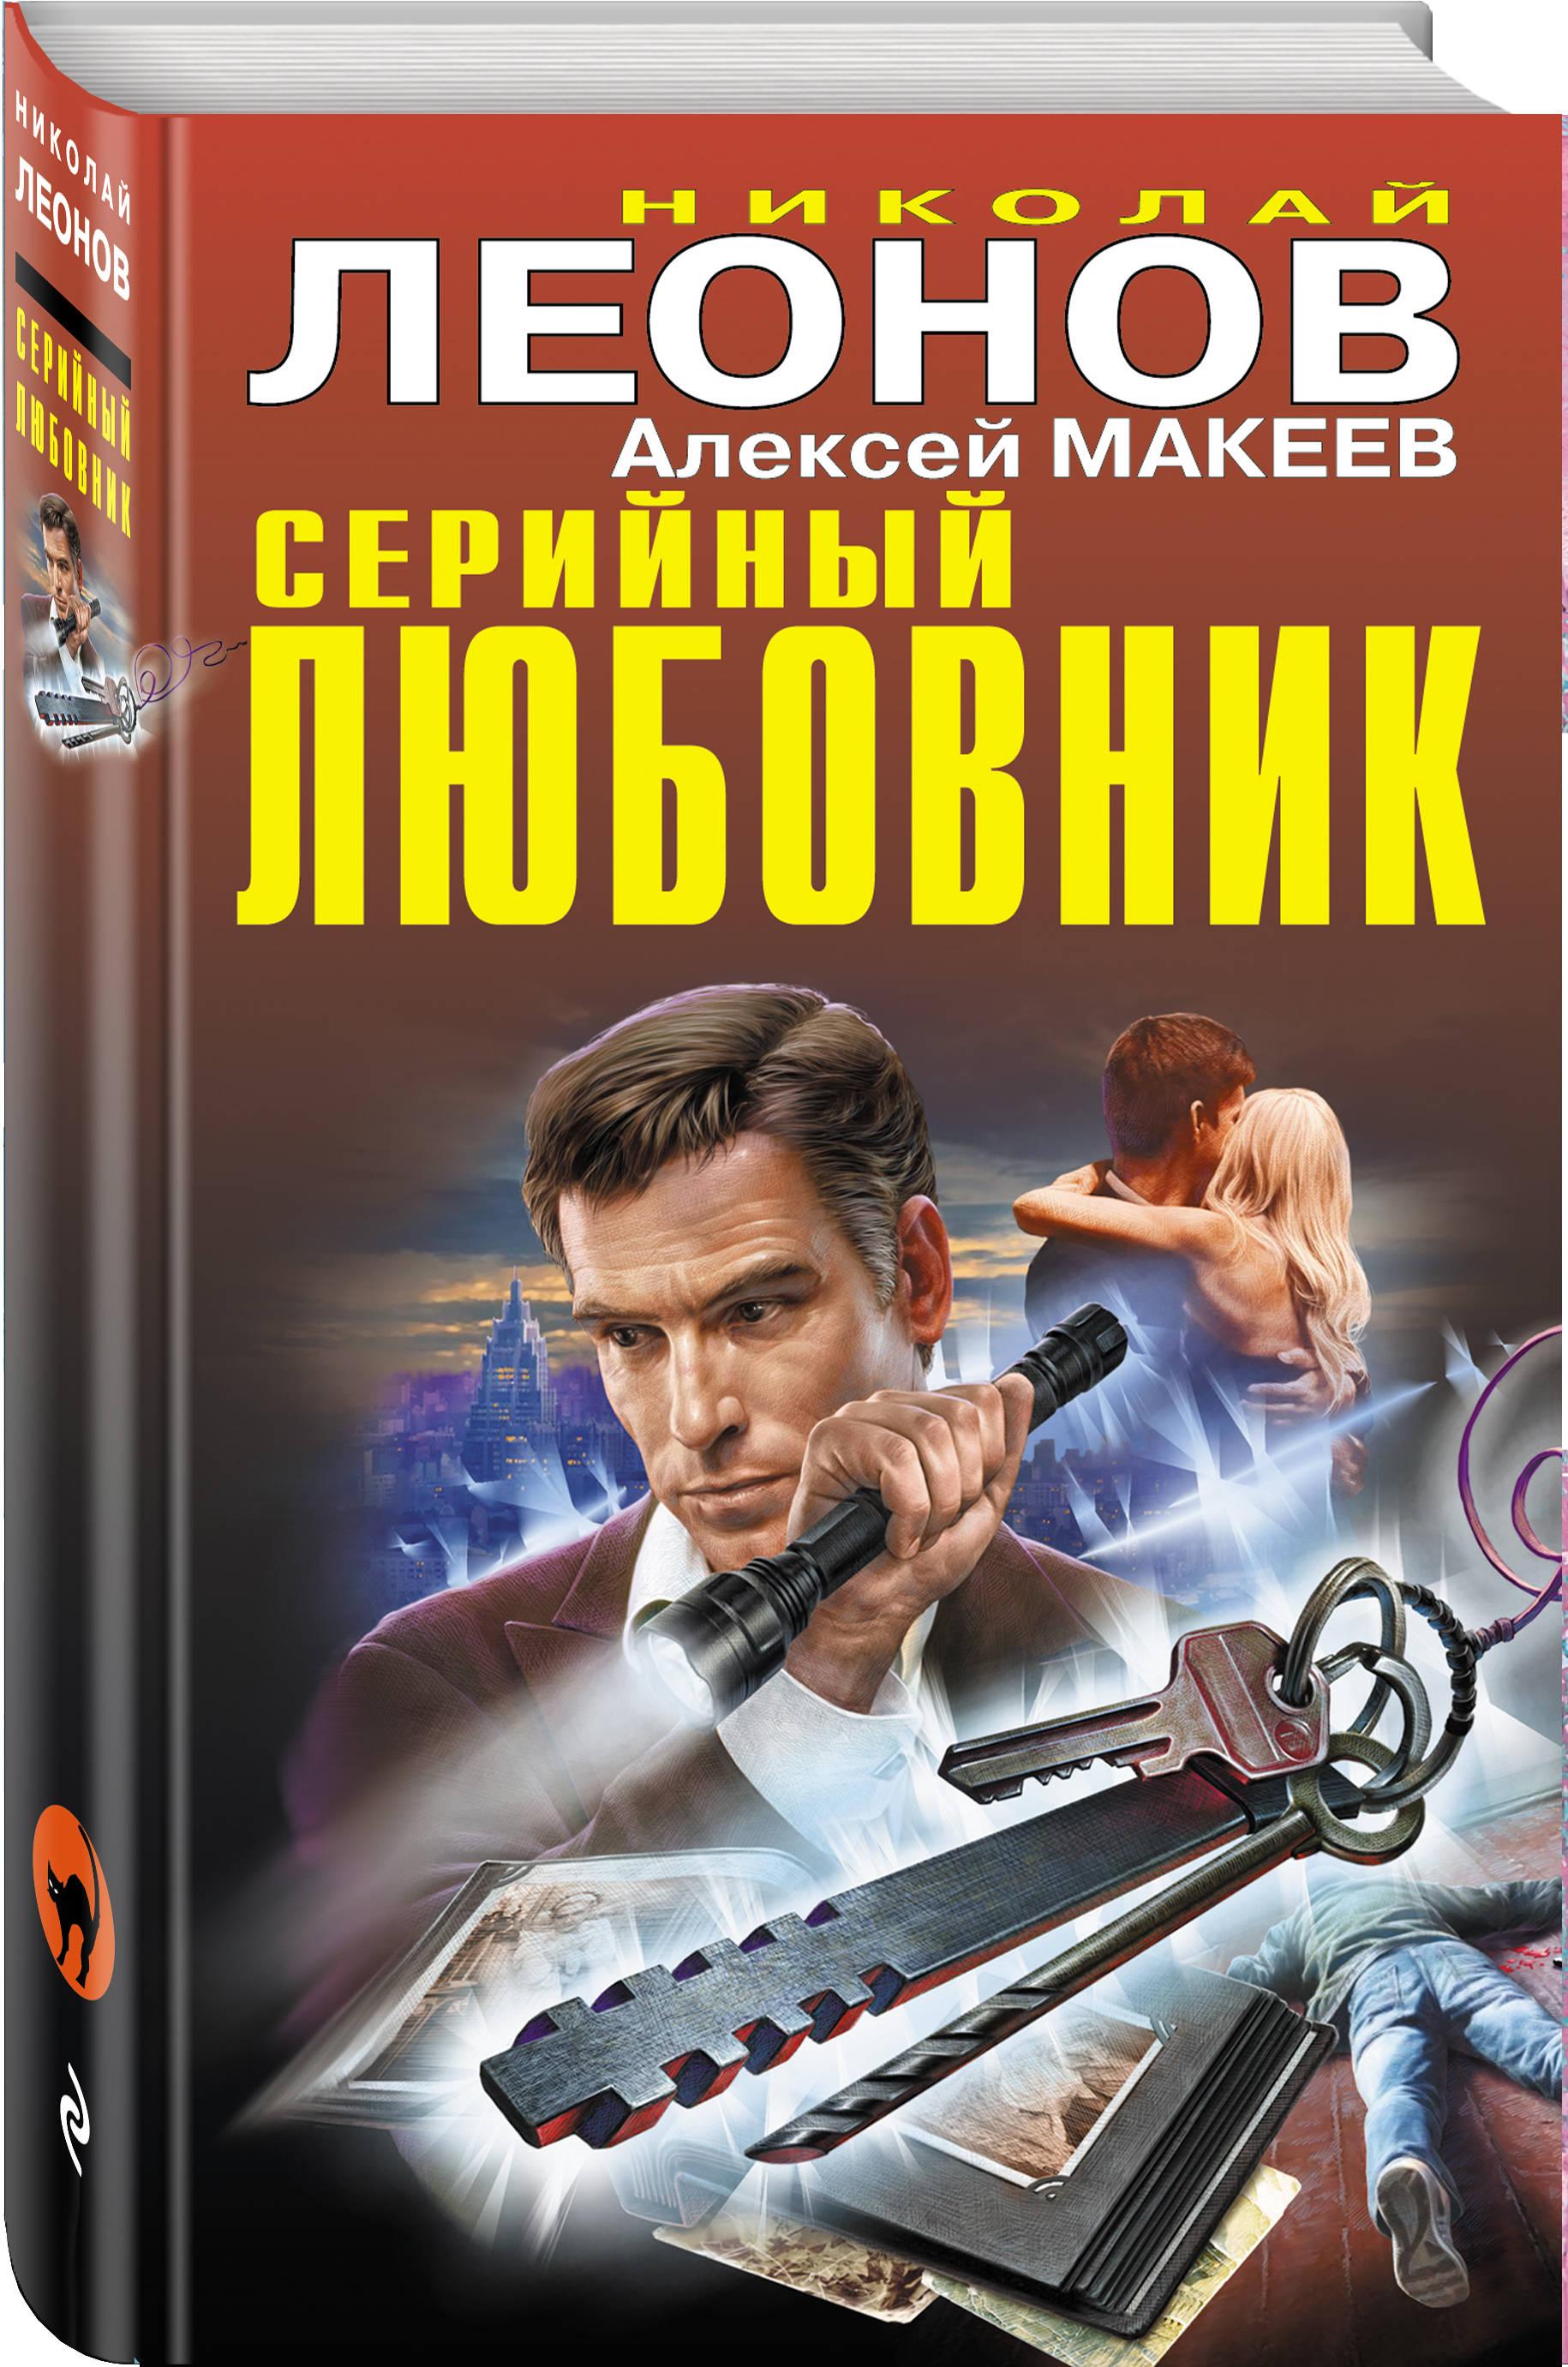 Николай Леонов, Алексей Макеев Серийный любовник